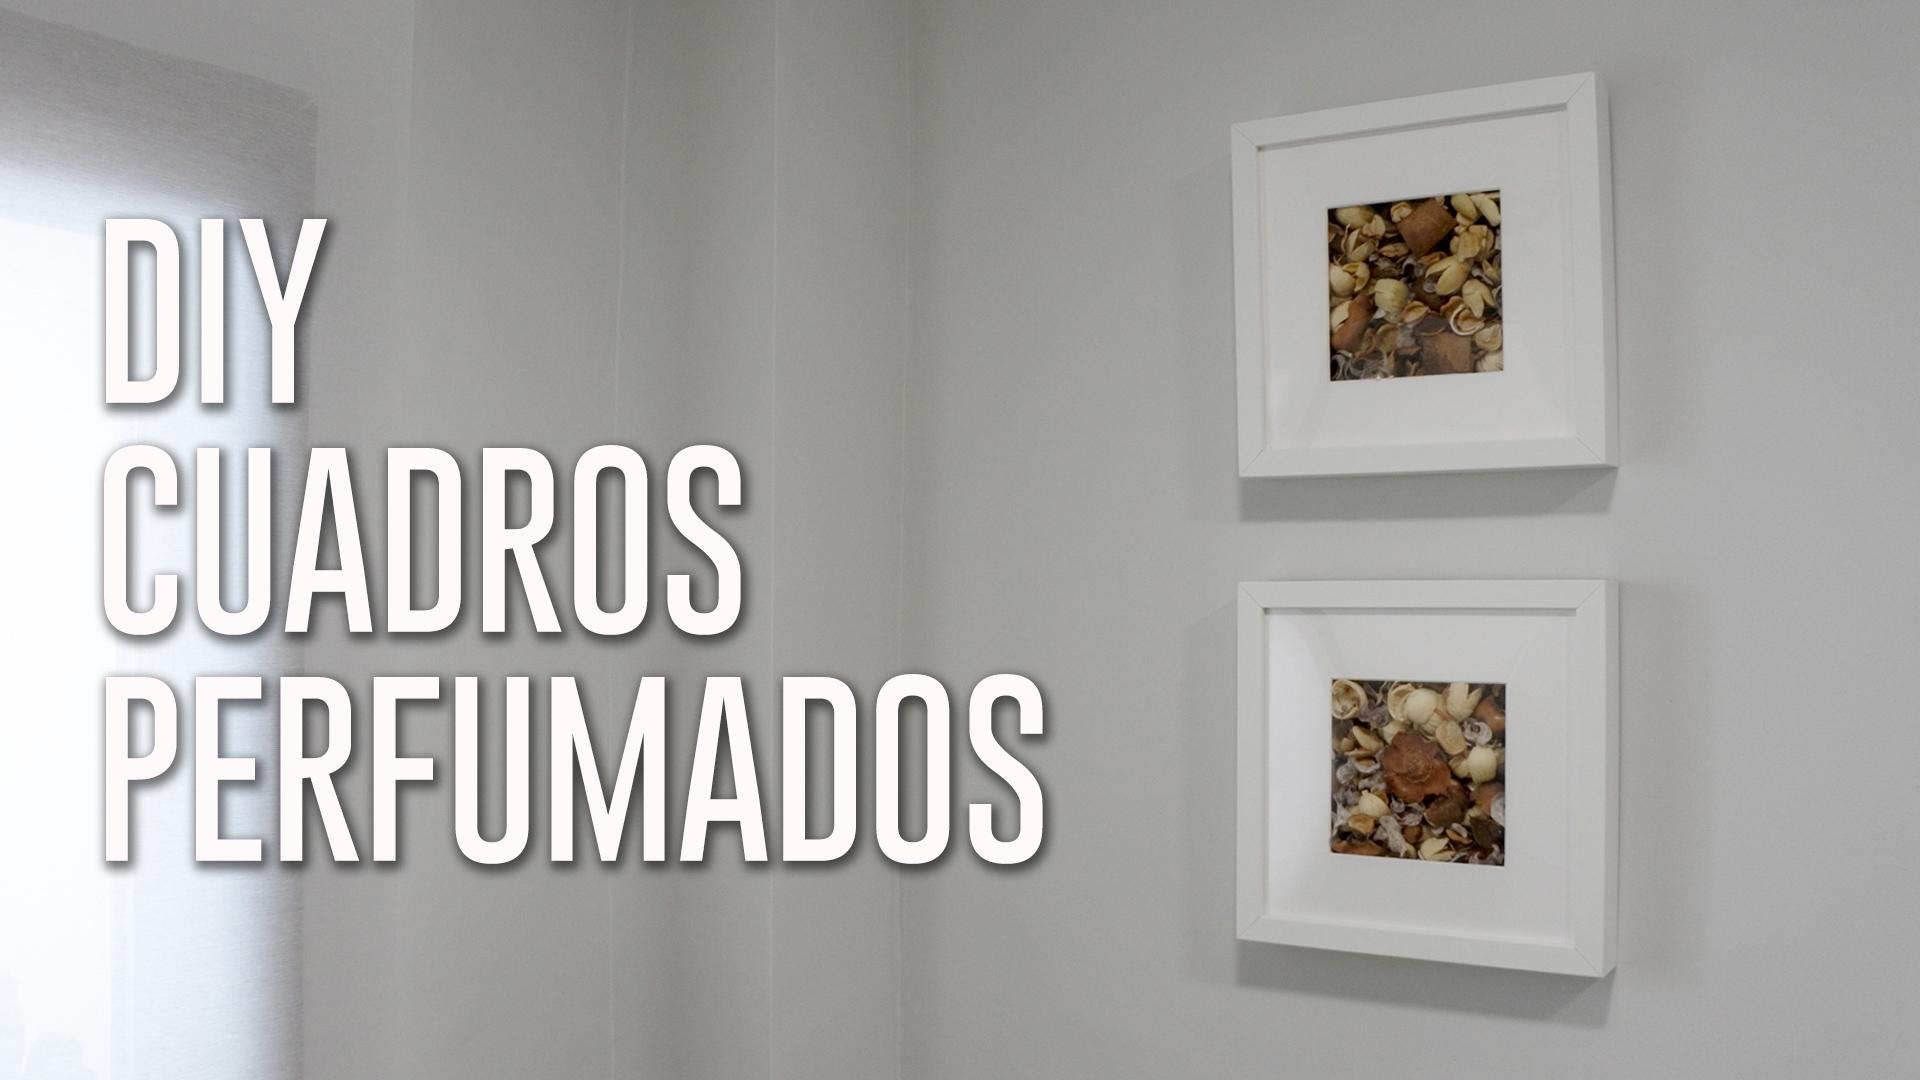 JIPIJAPAS_DIY_CUADROS_PERFUMADOS_00001